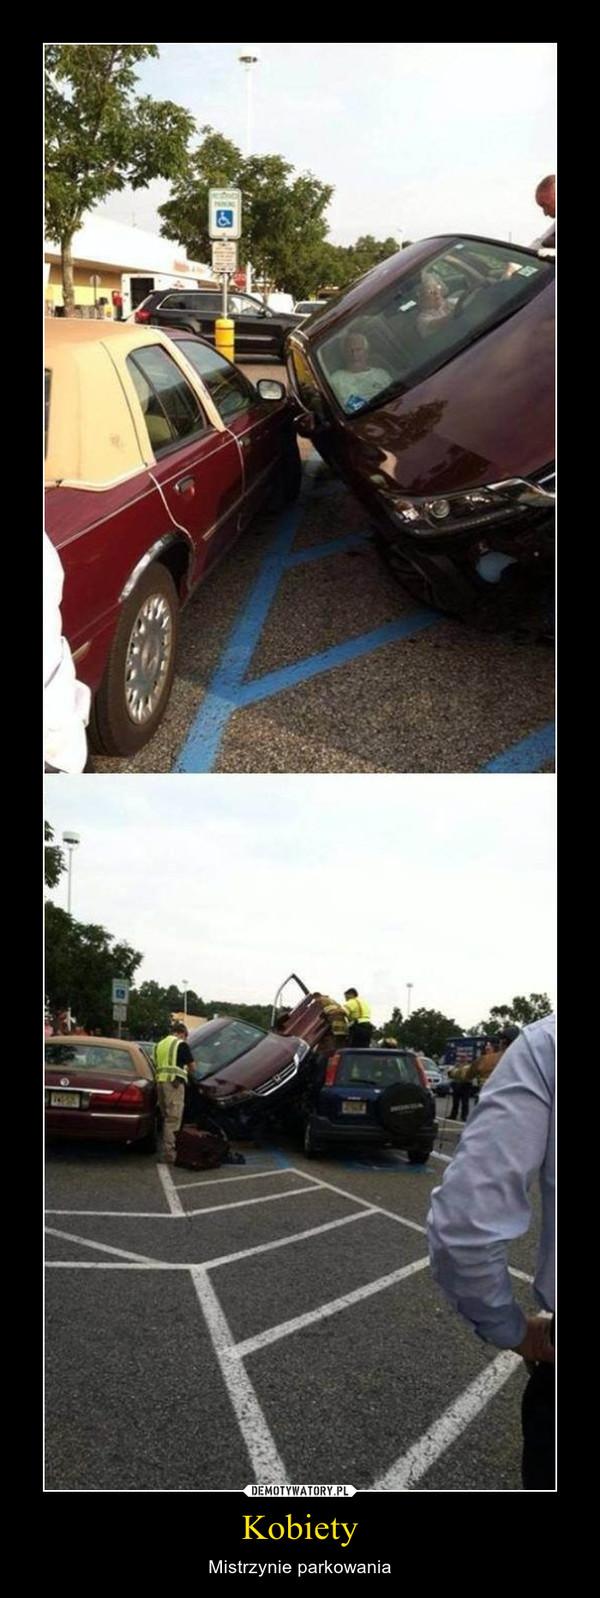 Kobiety – Mistrzynie parkowania